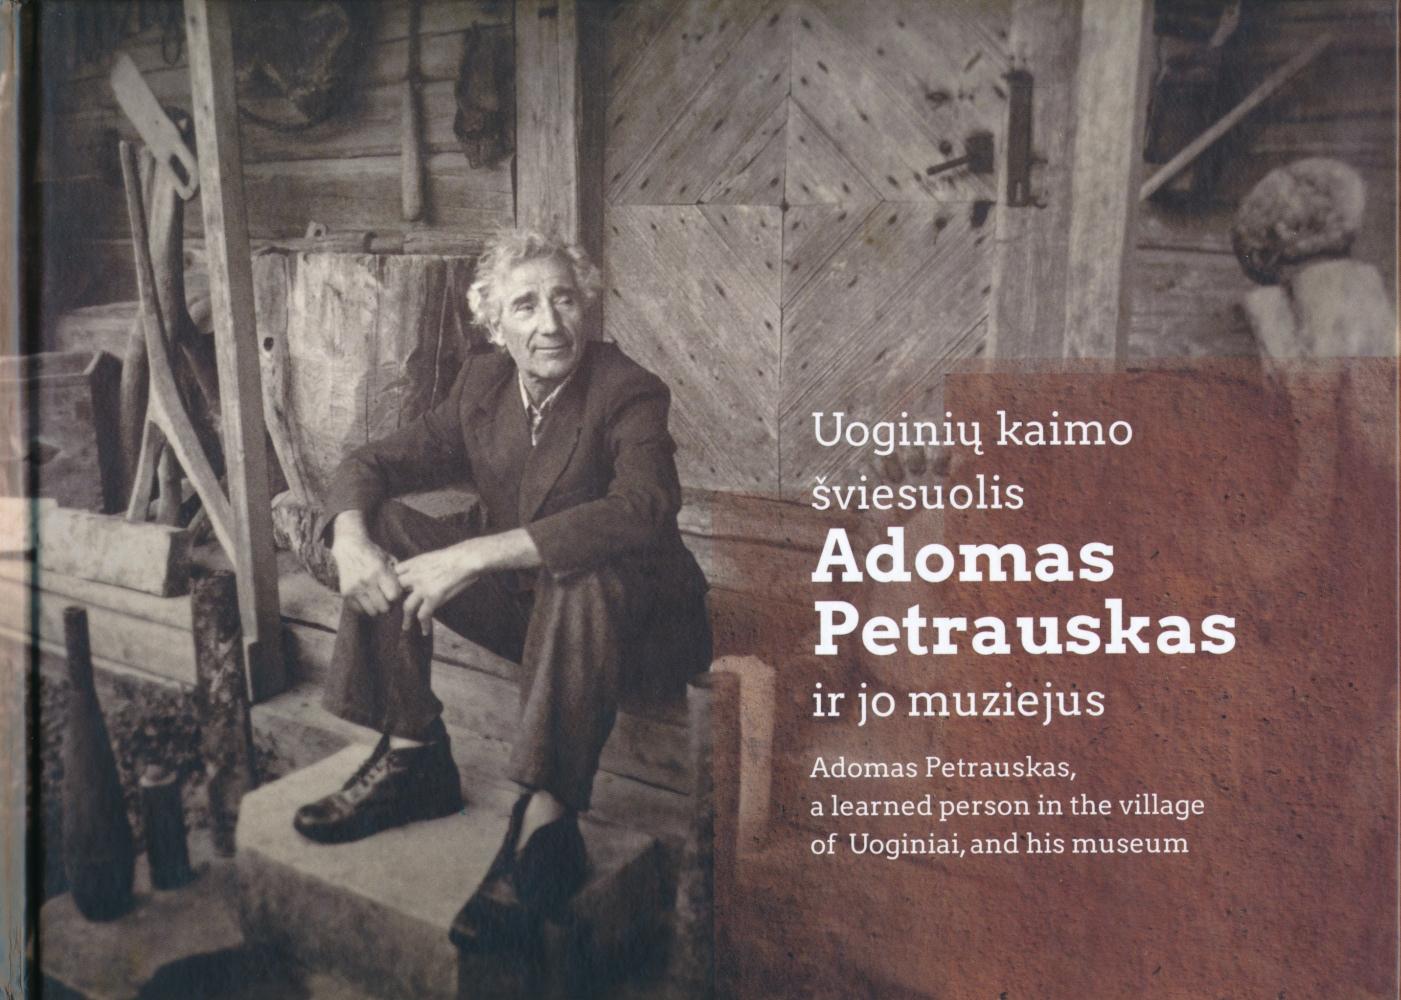 Uoginių kaimo šviesuolis Adomas Petrauskas